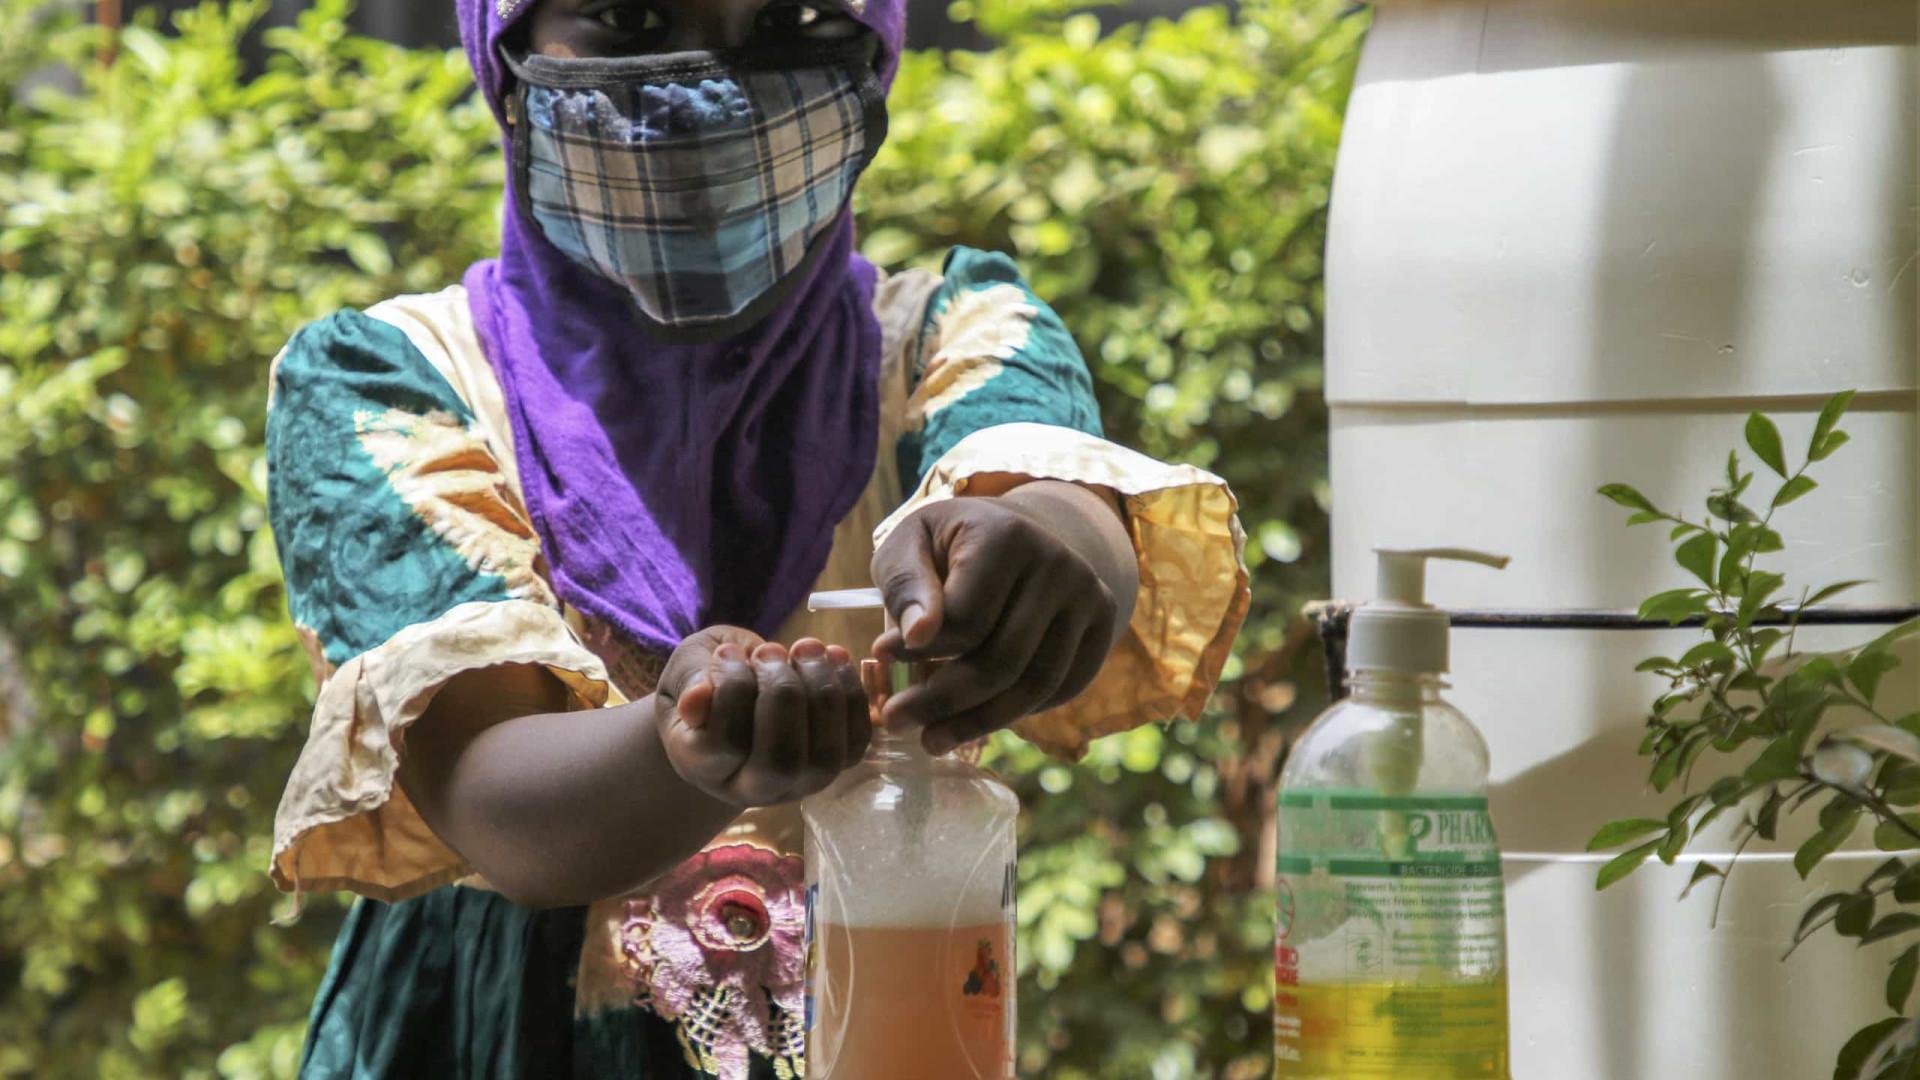 África regista 58 mortes e quase 2.000 casos do novo coronavírus